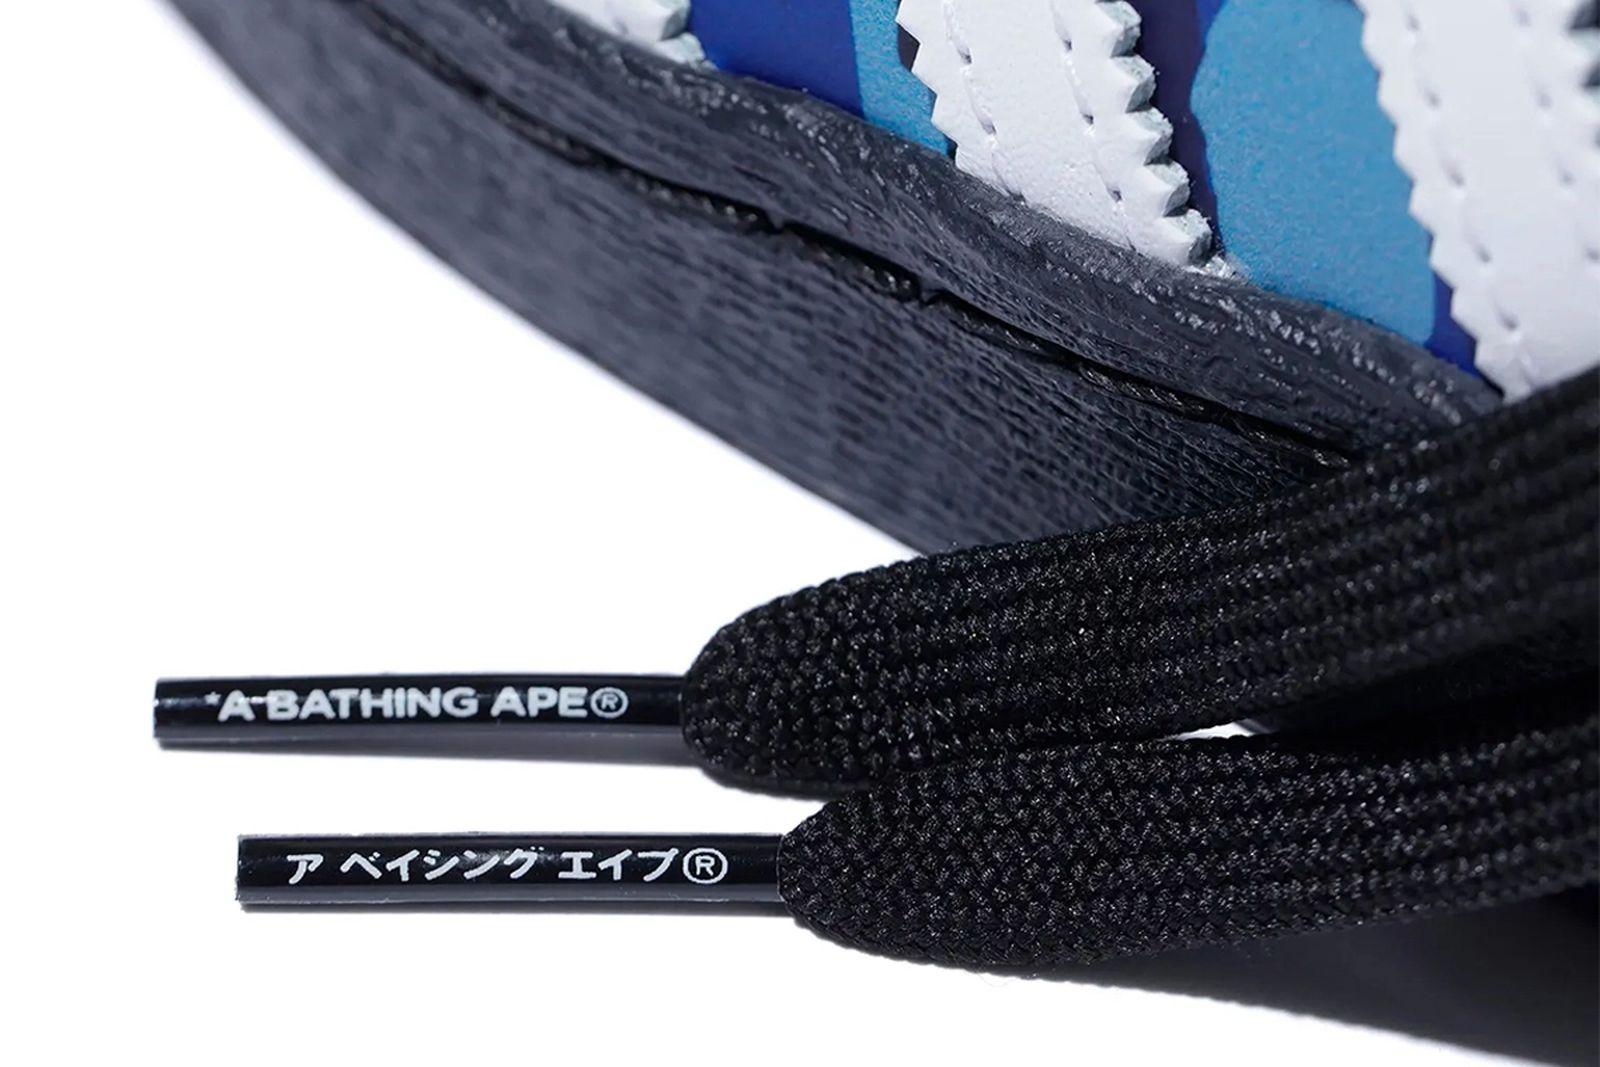 bape-adidas-superstar-2021-release-date-price-13